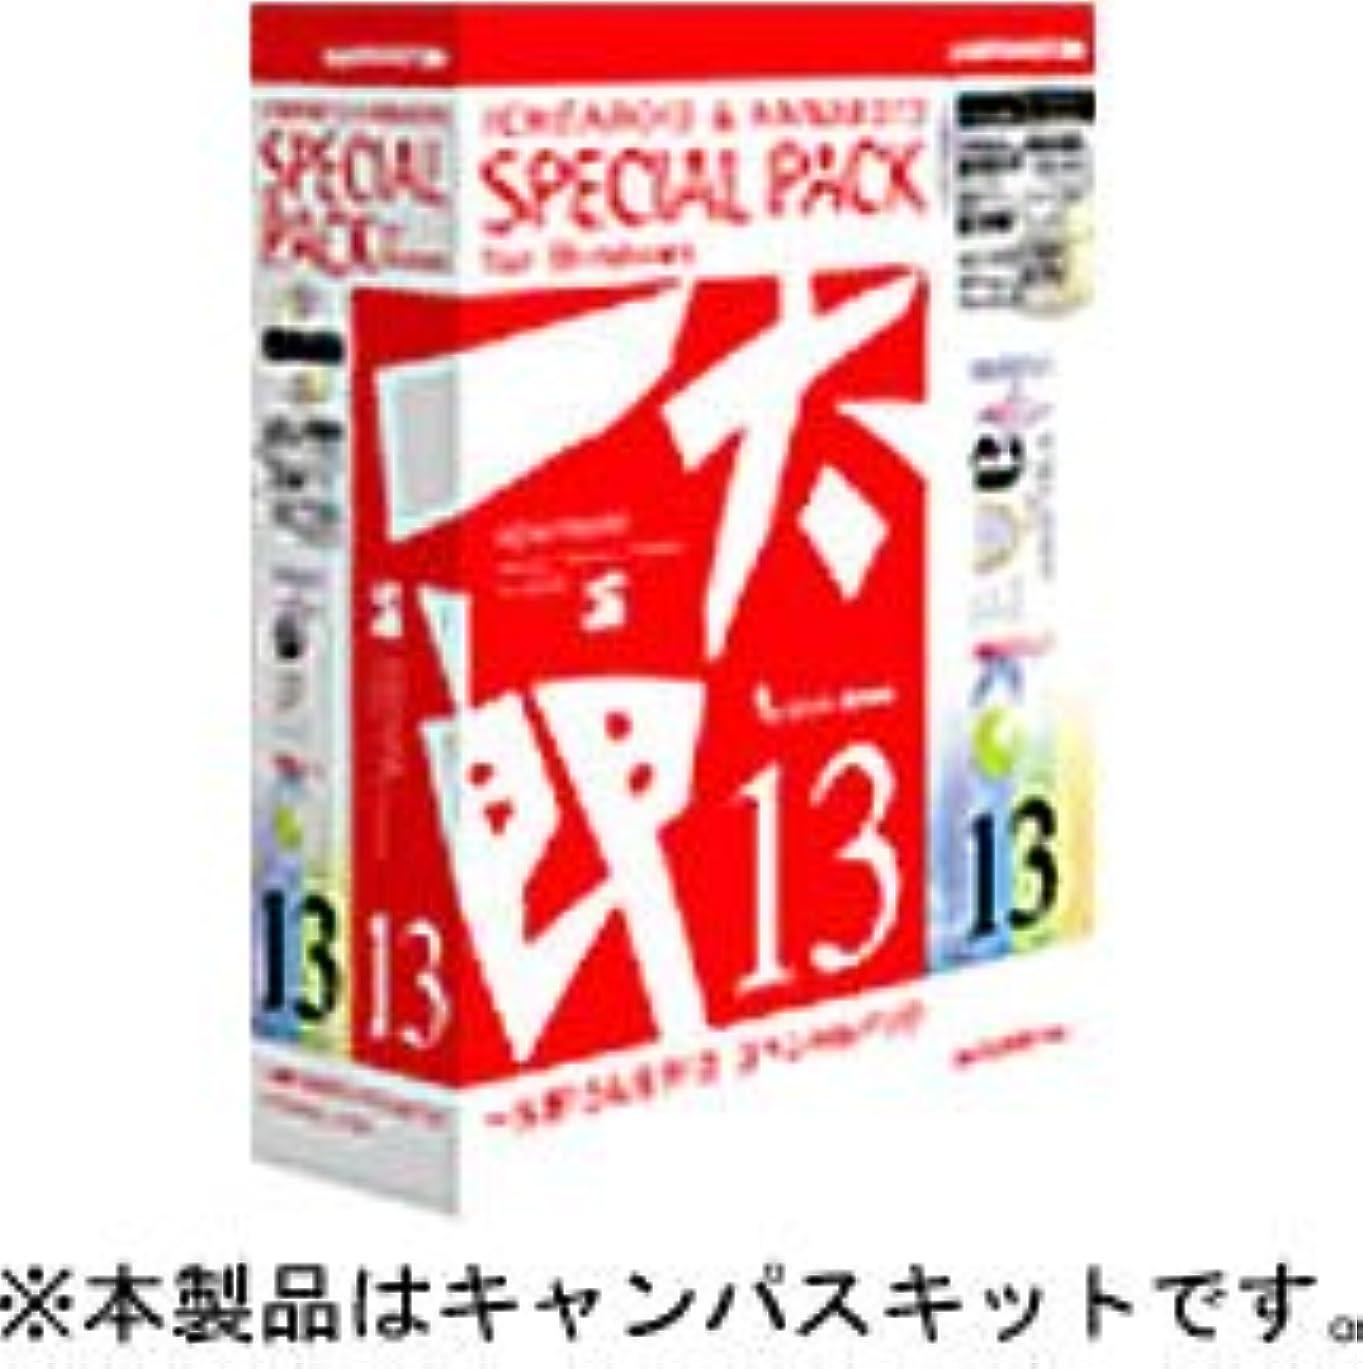 やりがいのある受け取る波紋一太郎 13 & 花子 13 スペシャルパック キャンパスキット